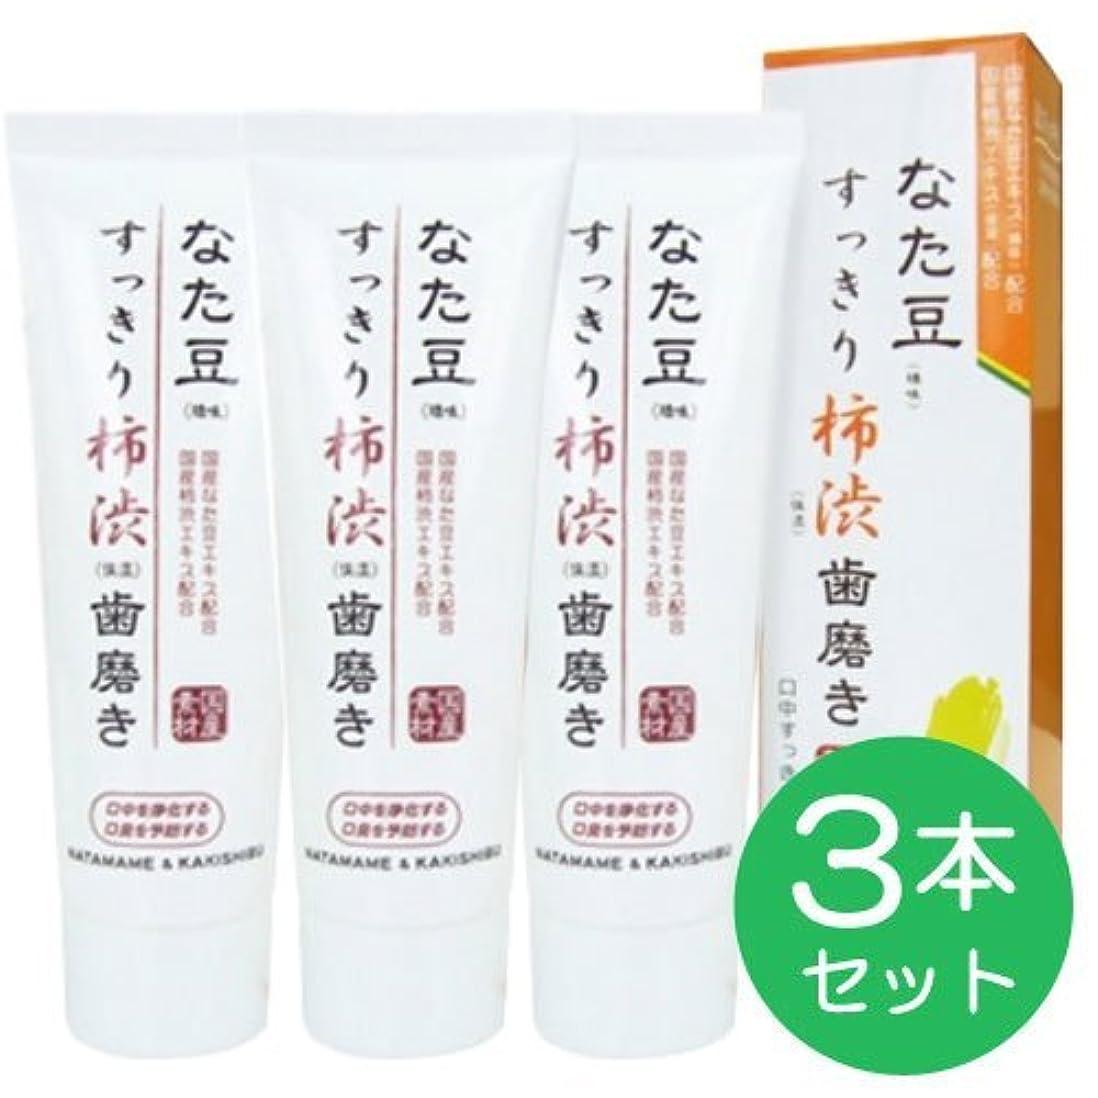 実行するバズたぶんなた豆すっきり柿渋歯磨き粉 (3個)